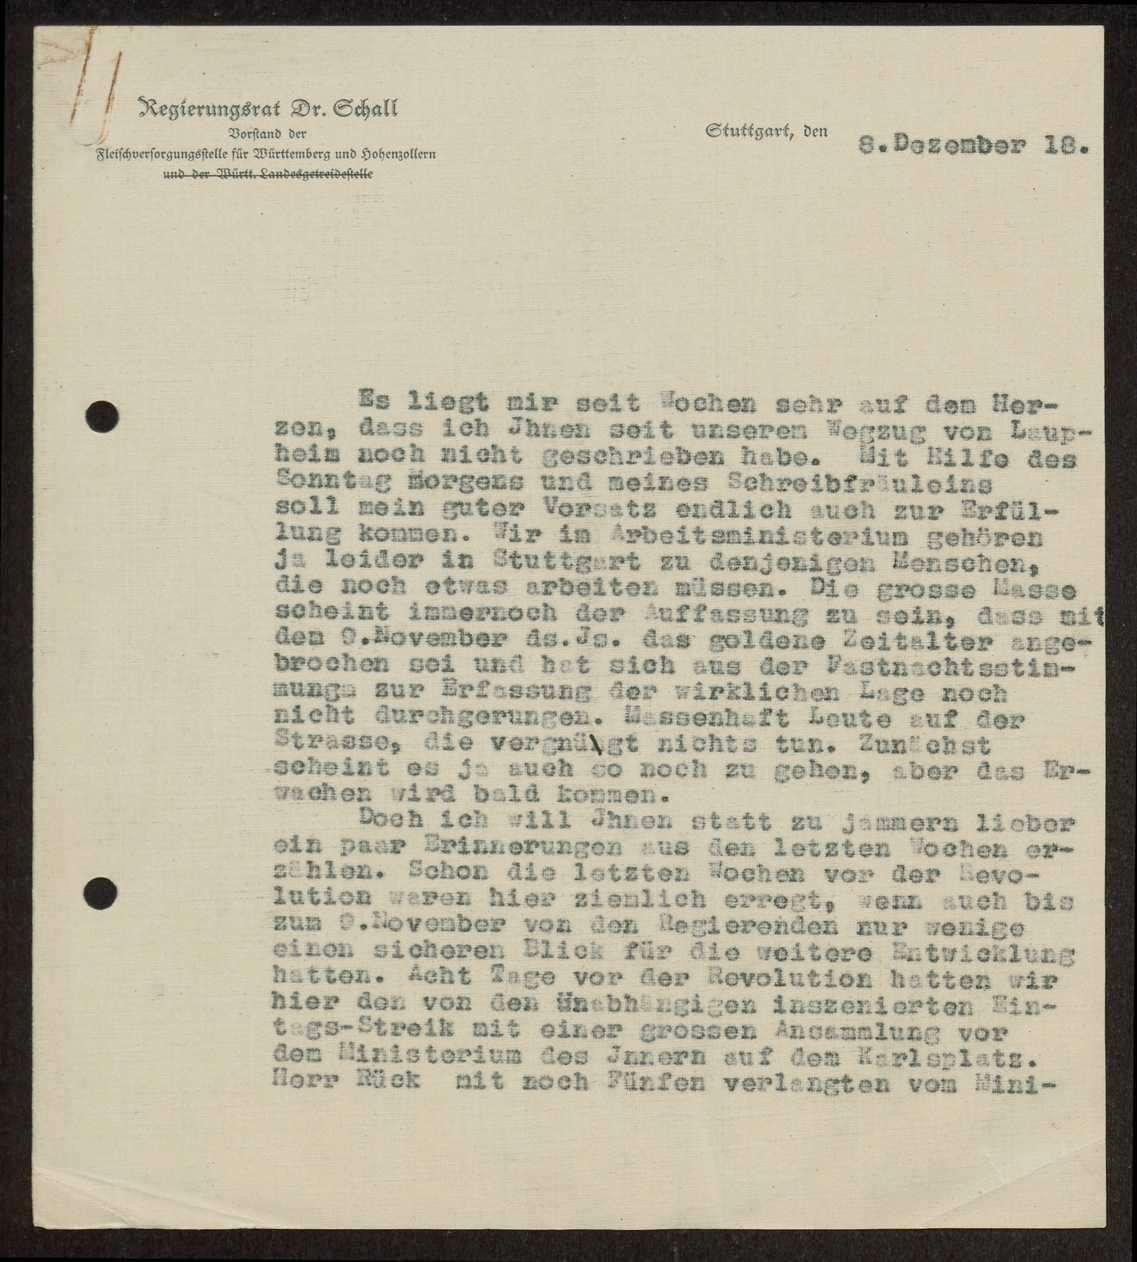 Bericht von Schall über die Vorgänge bei der Revolution 1918 und die wirtschaftliche Lage Württembergs danach, Bild 2